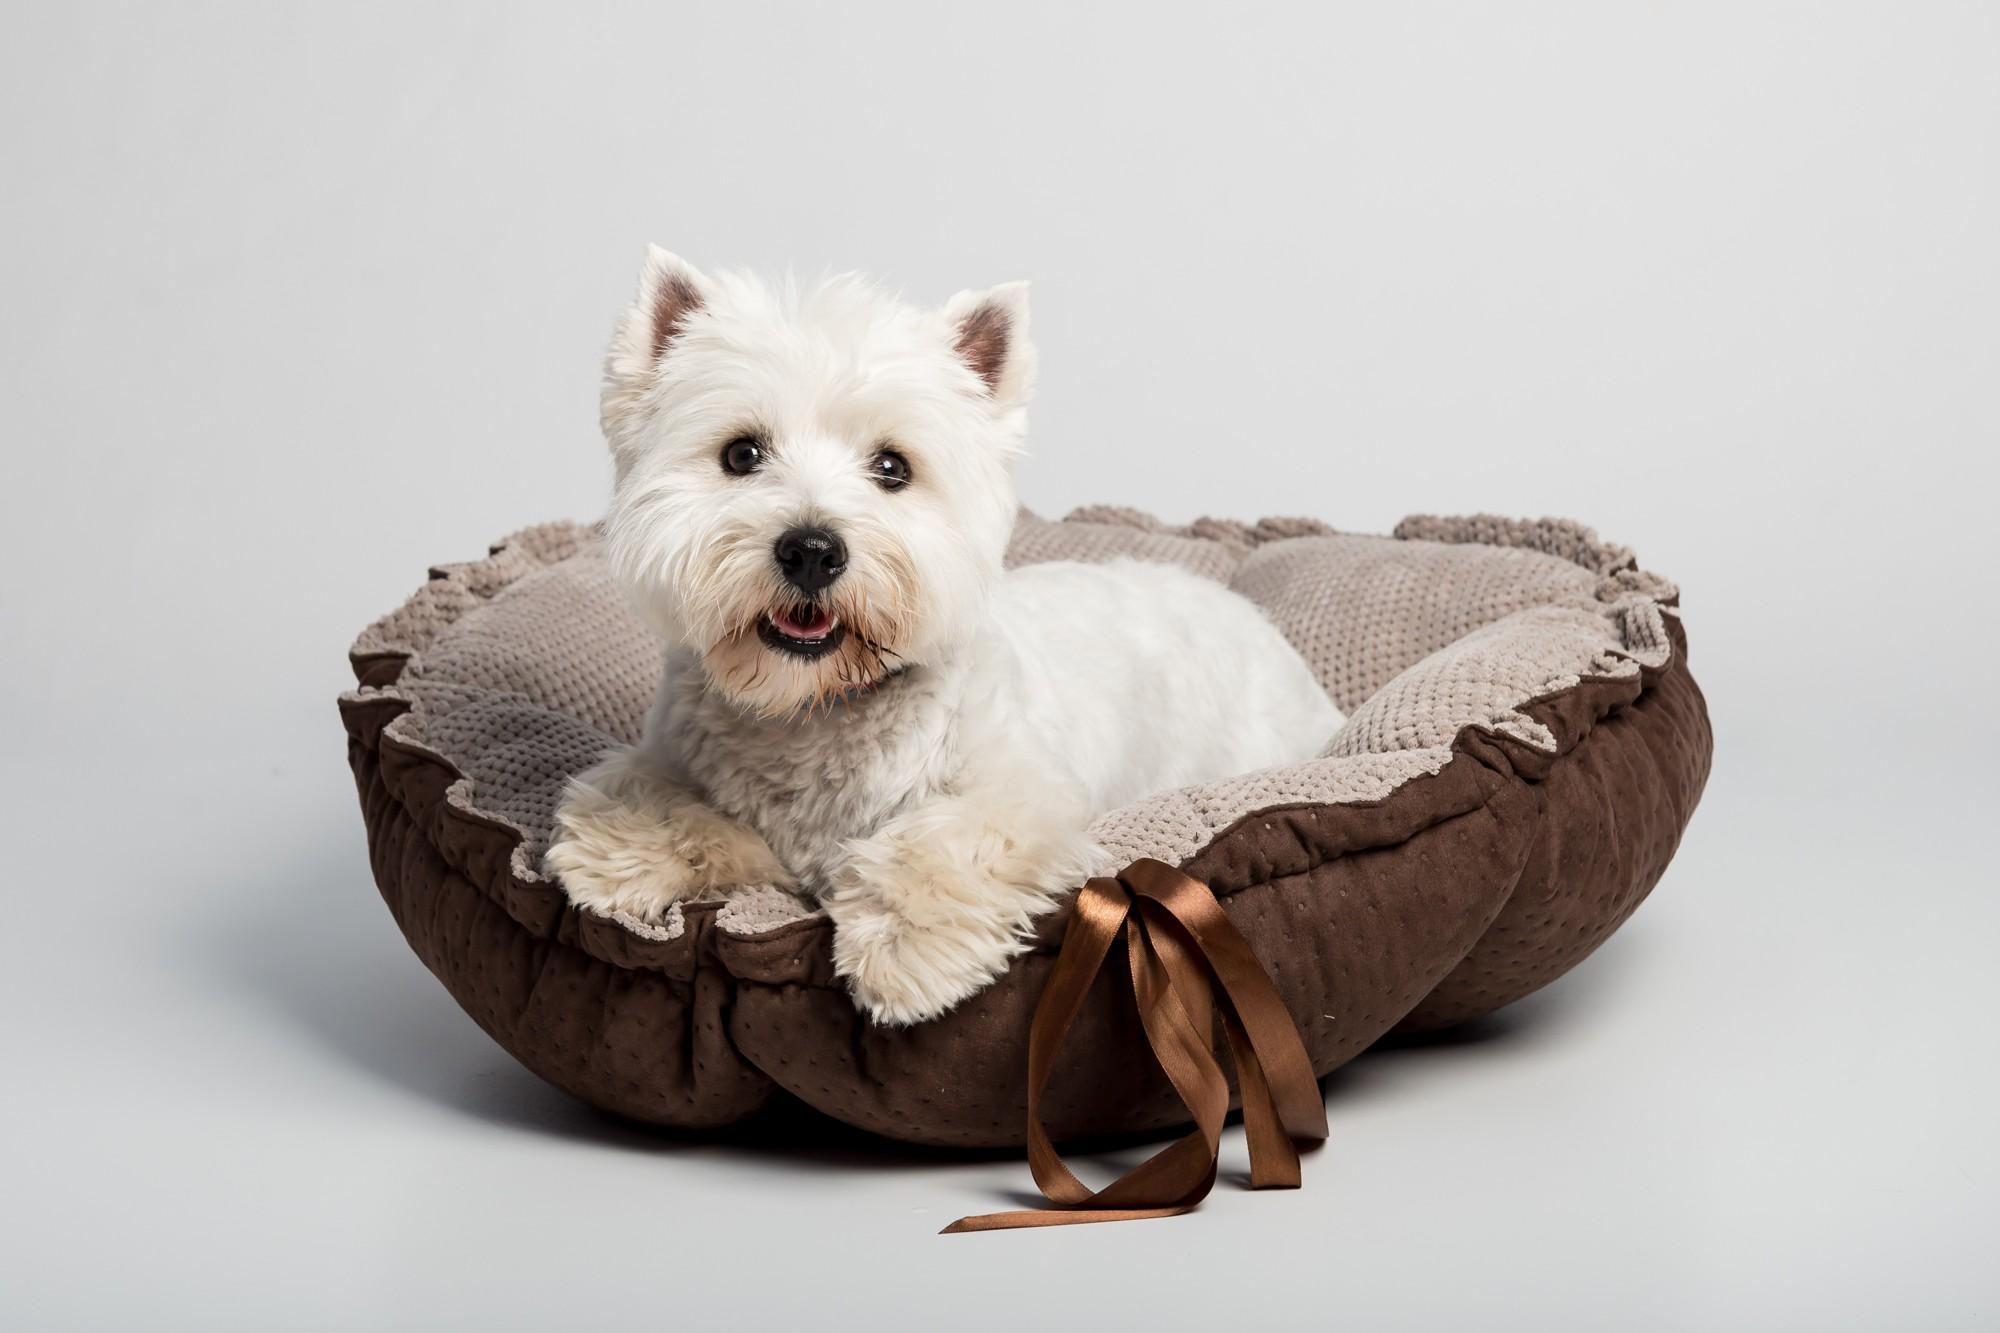 Jak a proč naučit spát pejska v pelíšku?